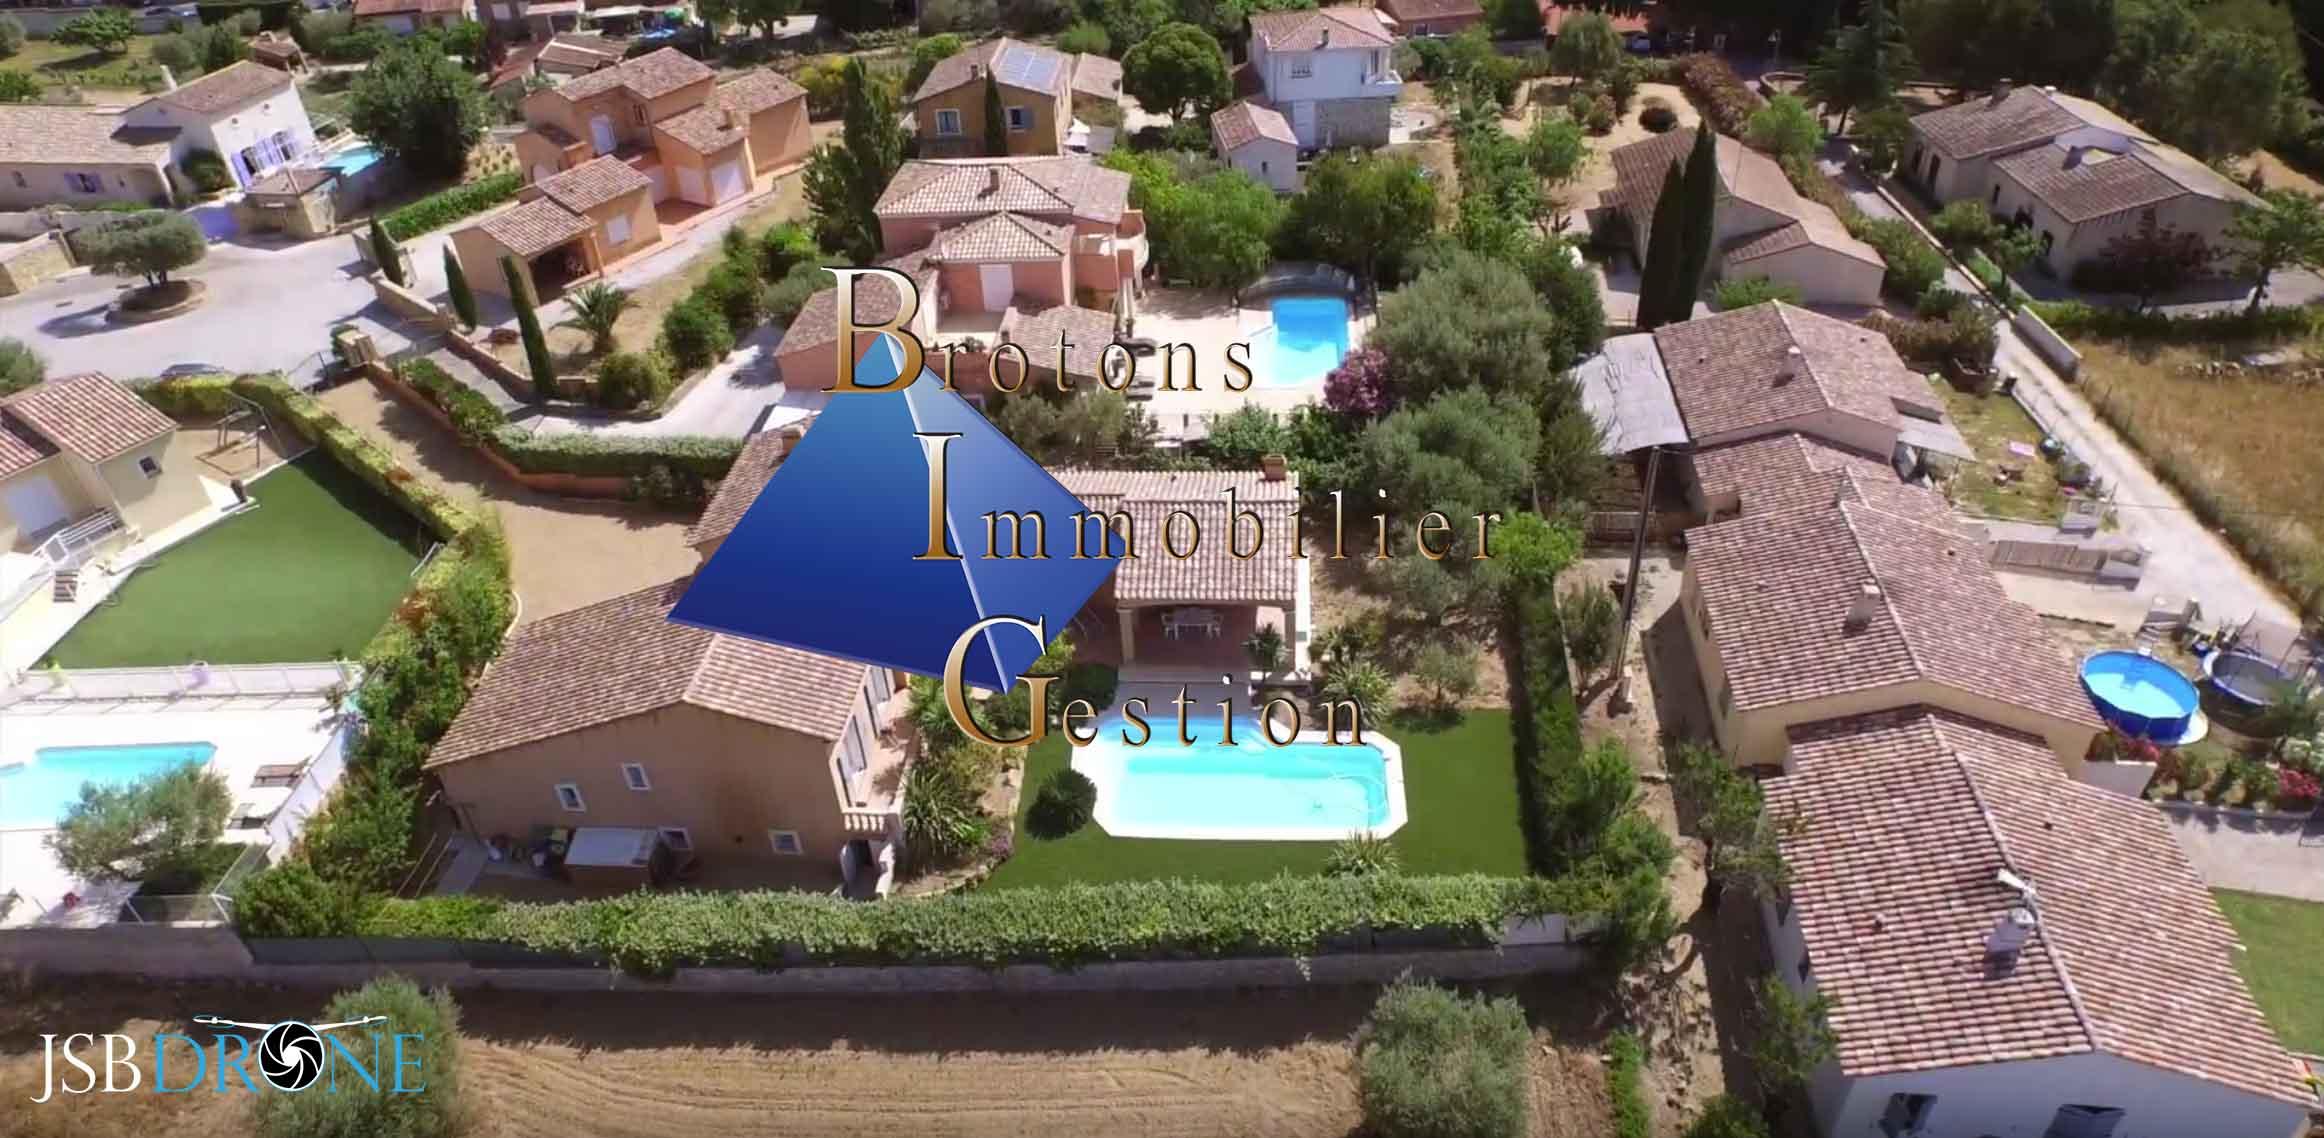 Très belle villa T6 prise de vue aérienne en drone jsb